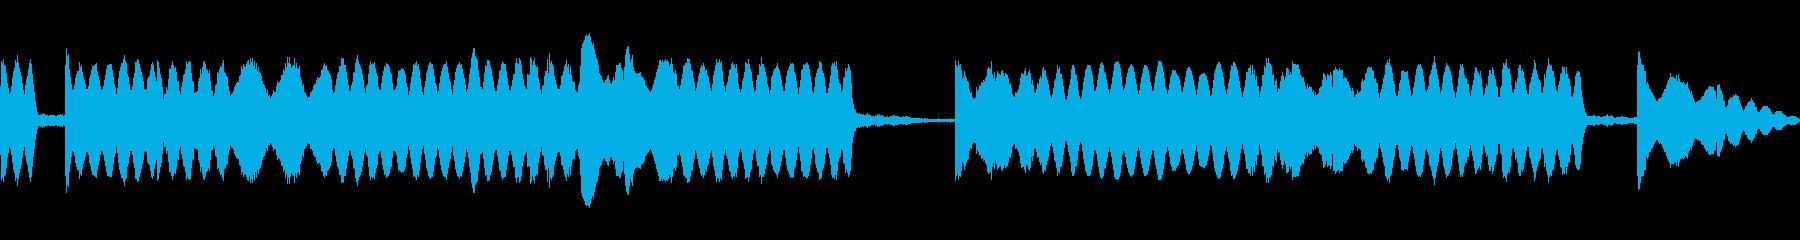 ロボットの起動音の再生済みの波形